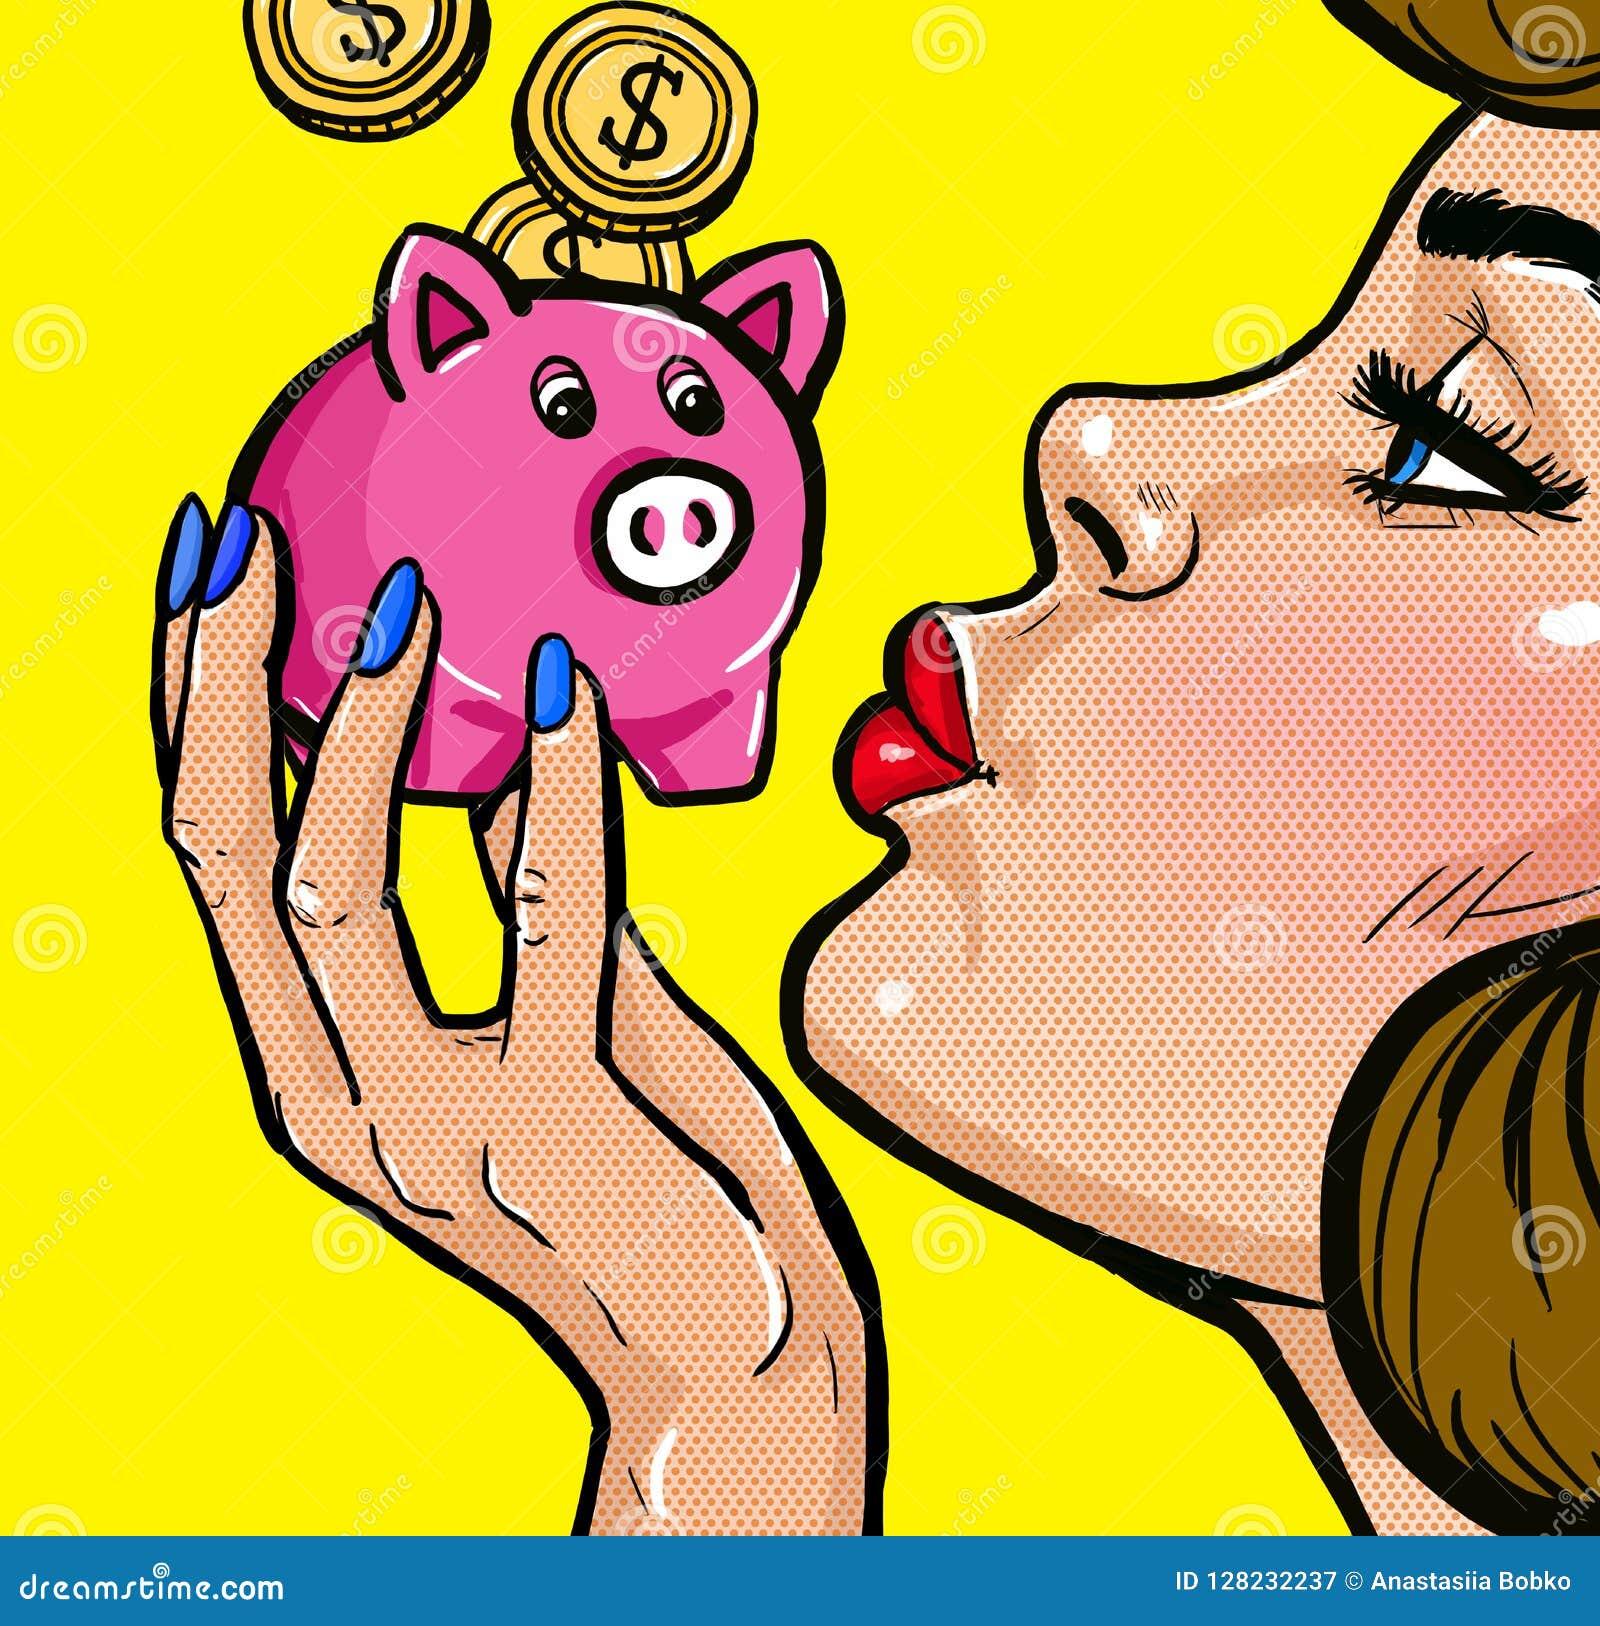 TWoman целующ копилку в стиле искусства шипучки Винтажный плакат искусства шипучки деньги изолированные предпосылкой над белой же